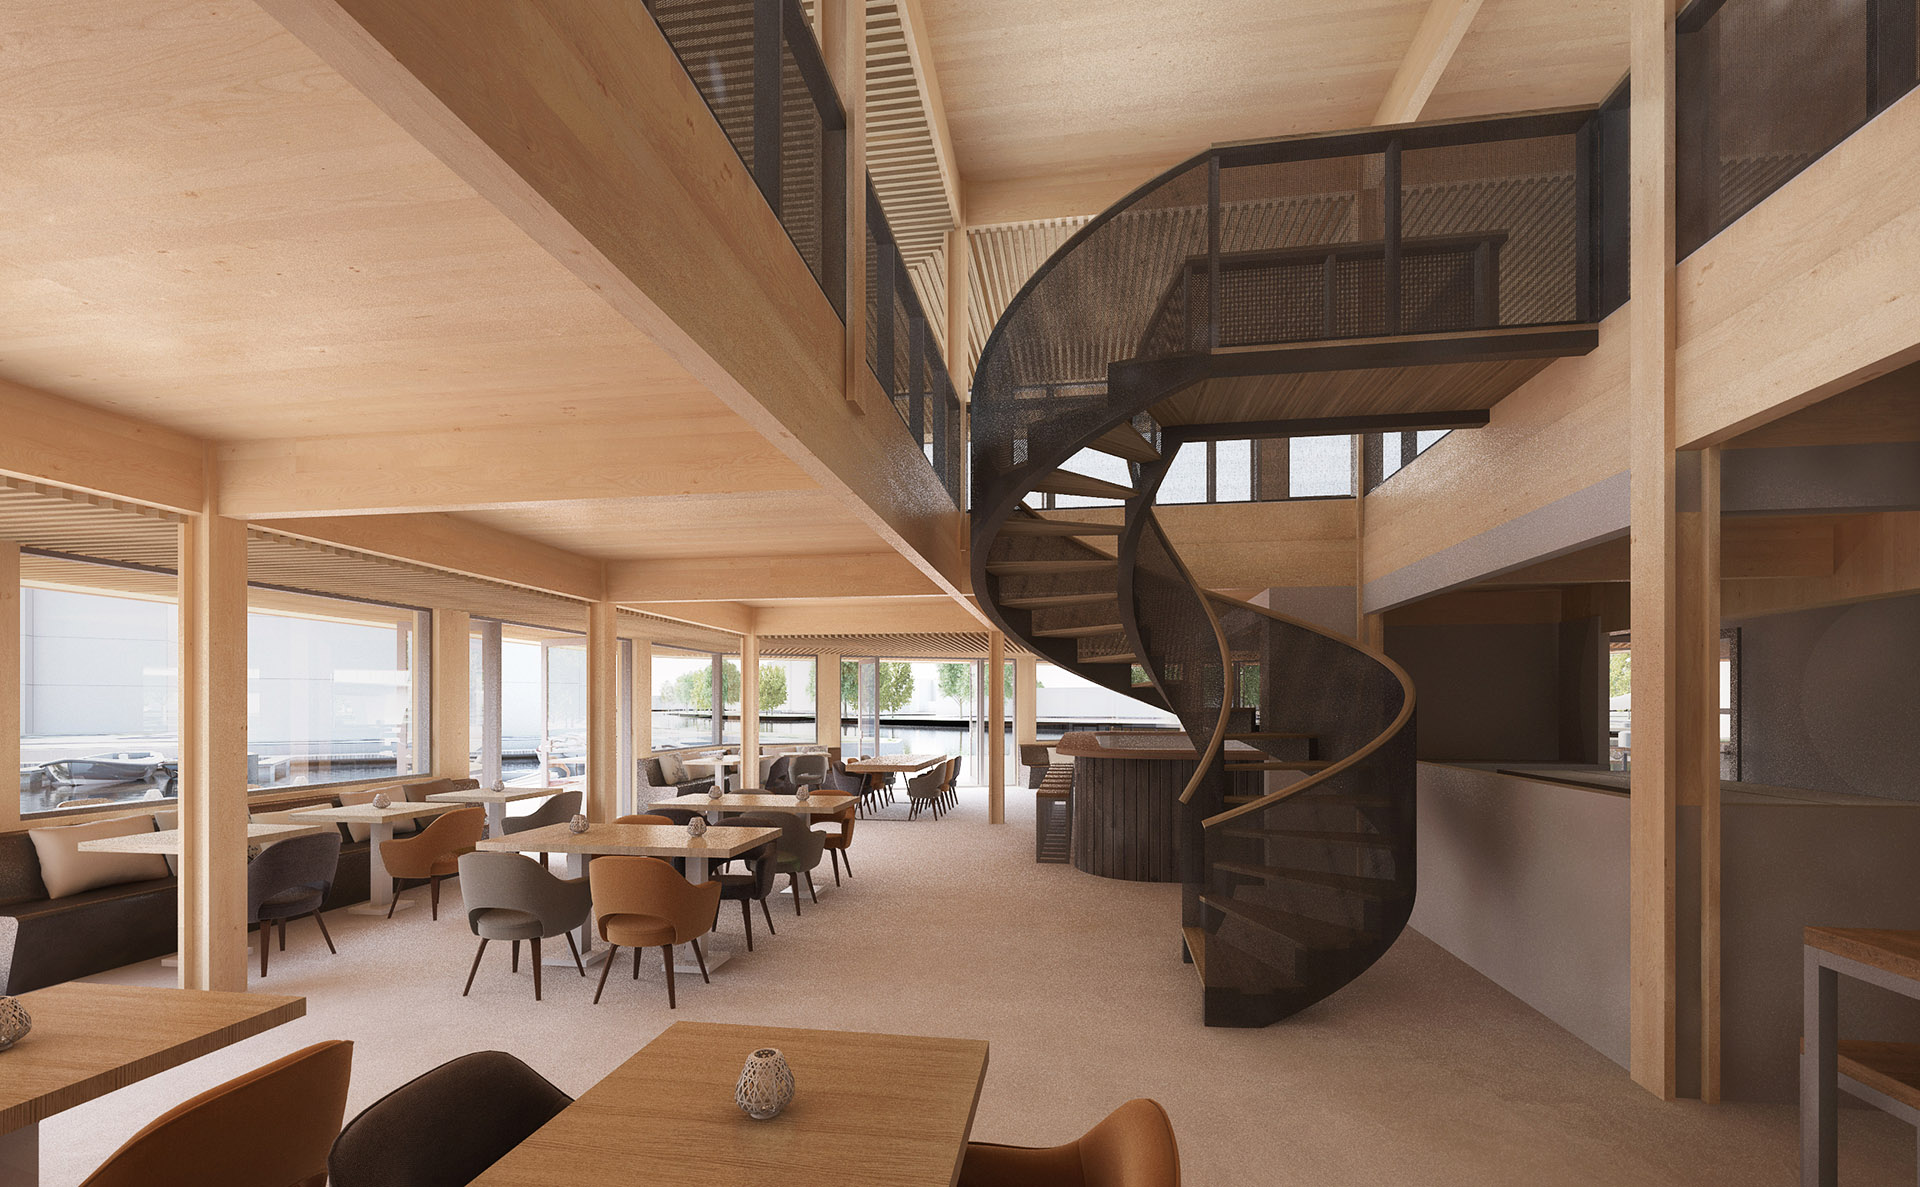 Jachthavengebouw Oegstgeest-ad-Rijn - BINT architecten